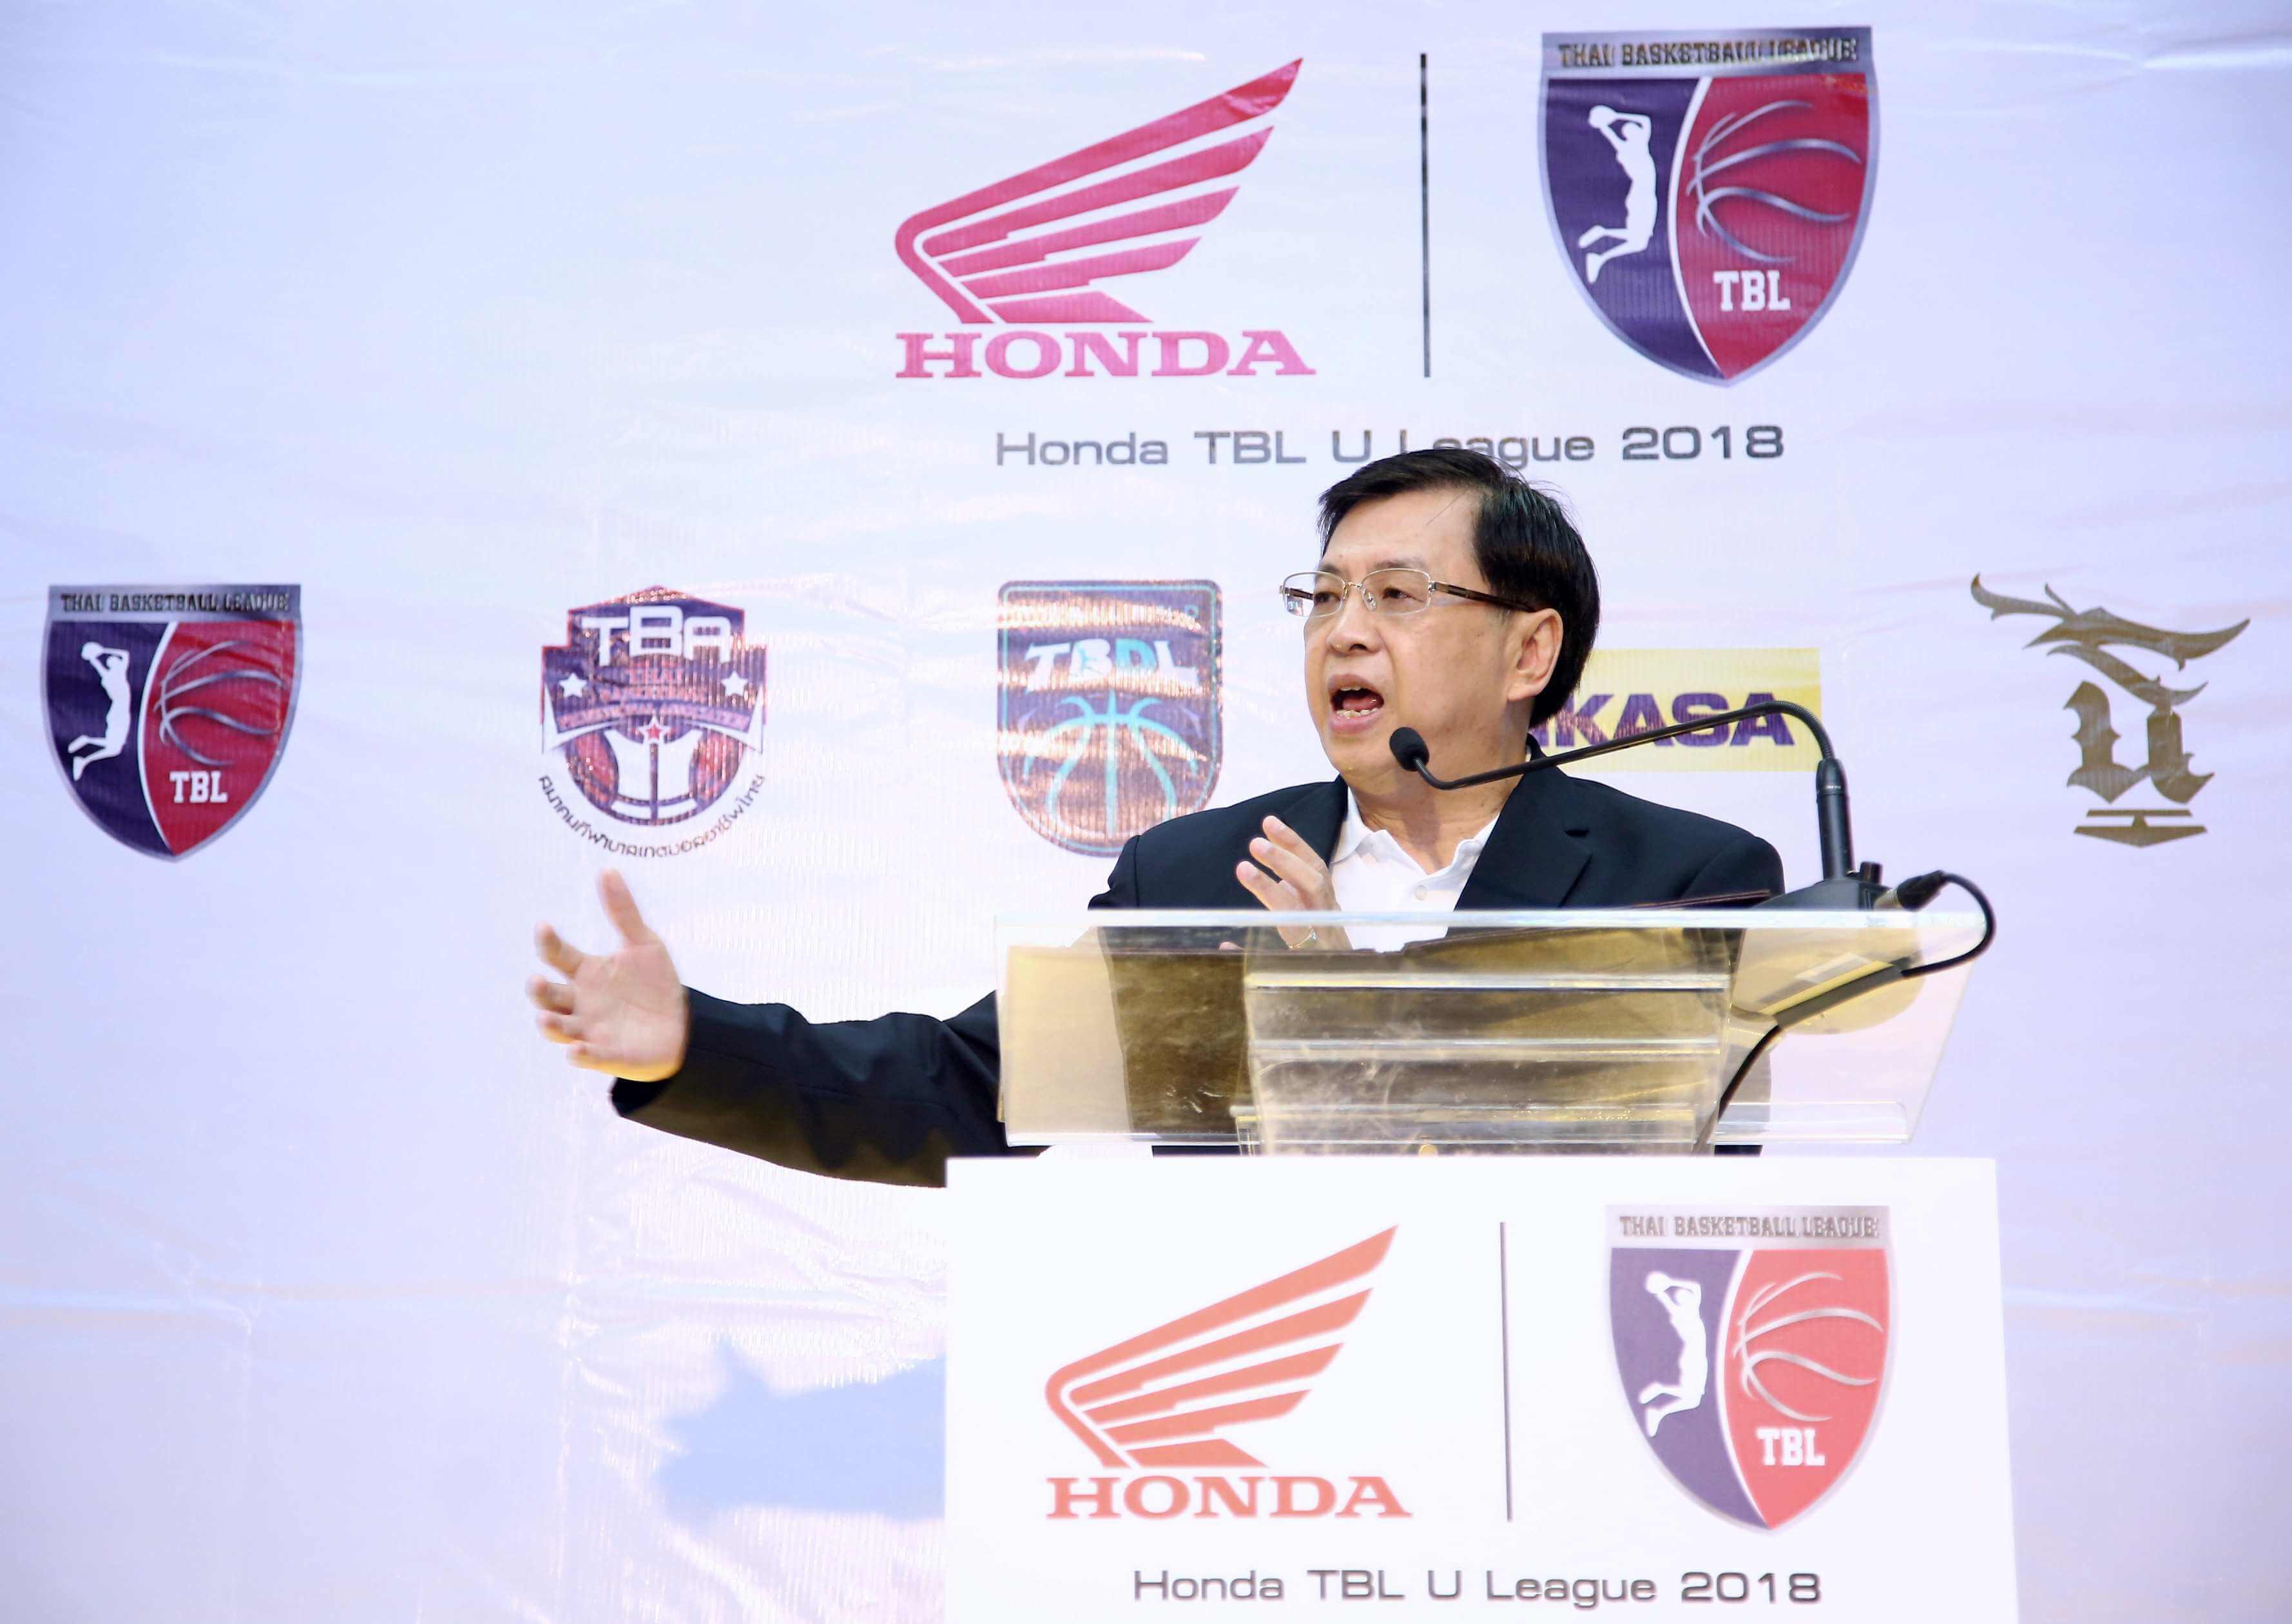 ข่าวประชาสัมพันธ์-20180809-honda-tbl-u-league-2018